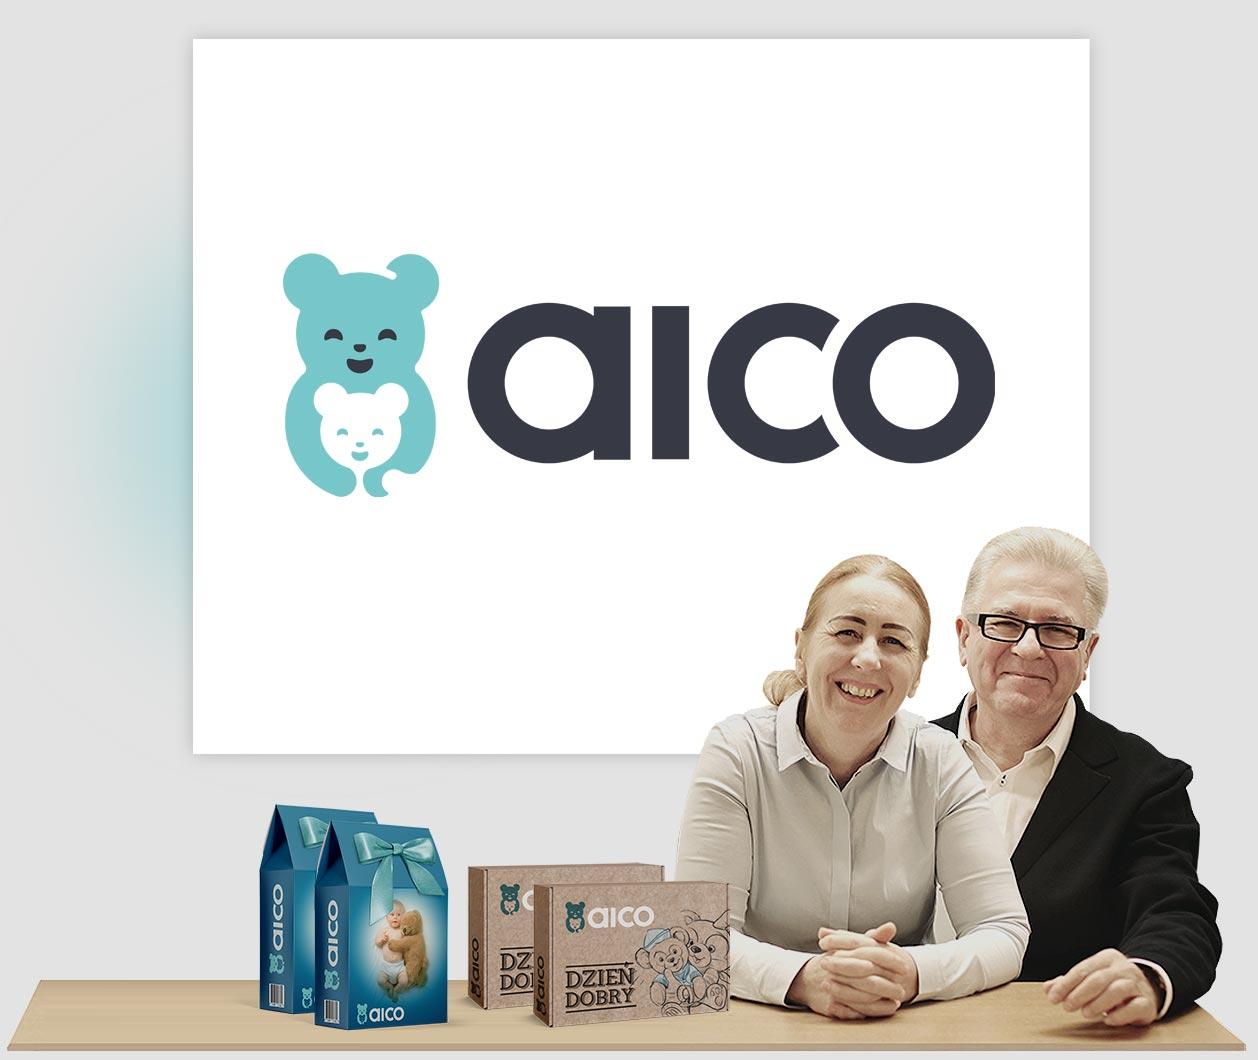 Aico jako przykład procesu w projektowaniu logo